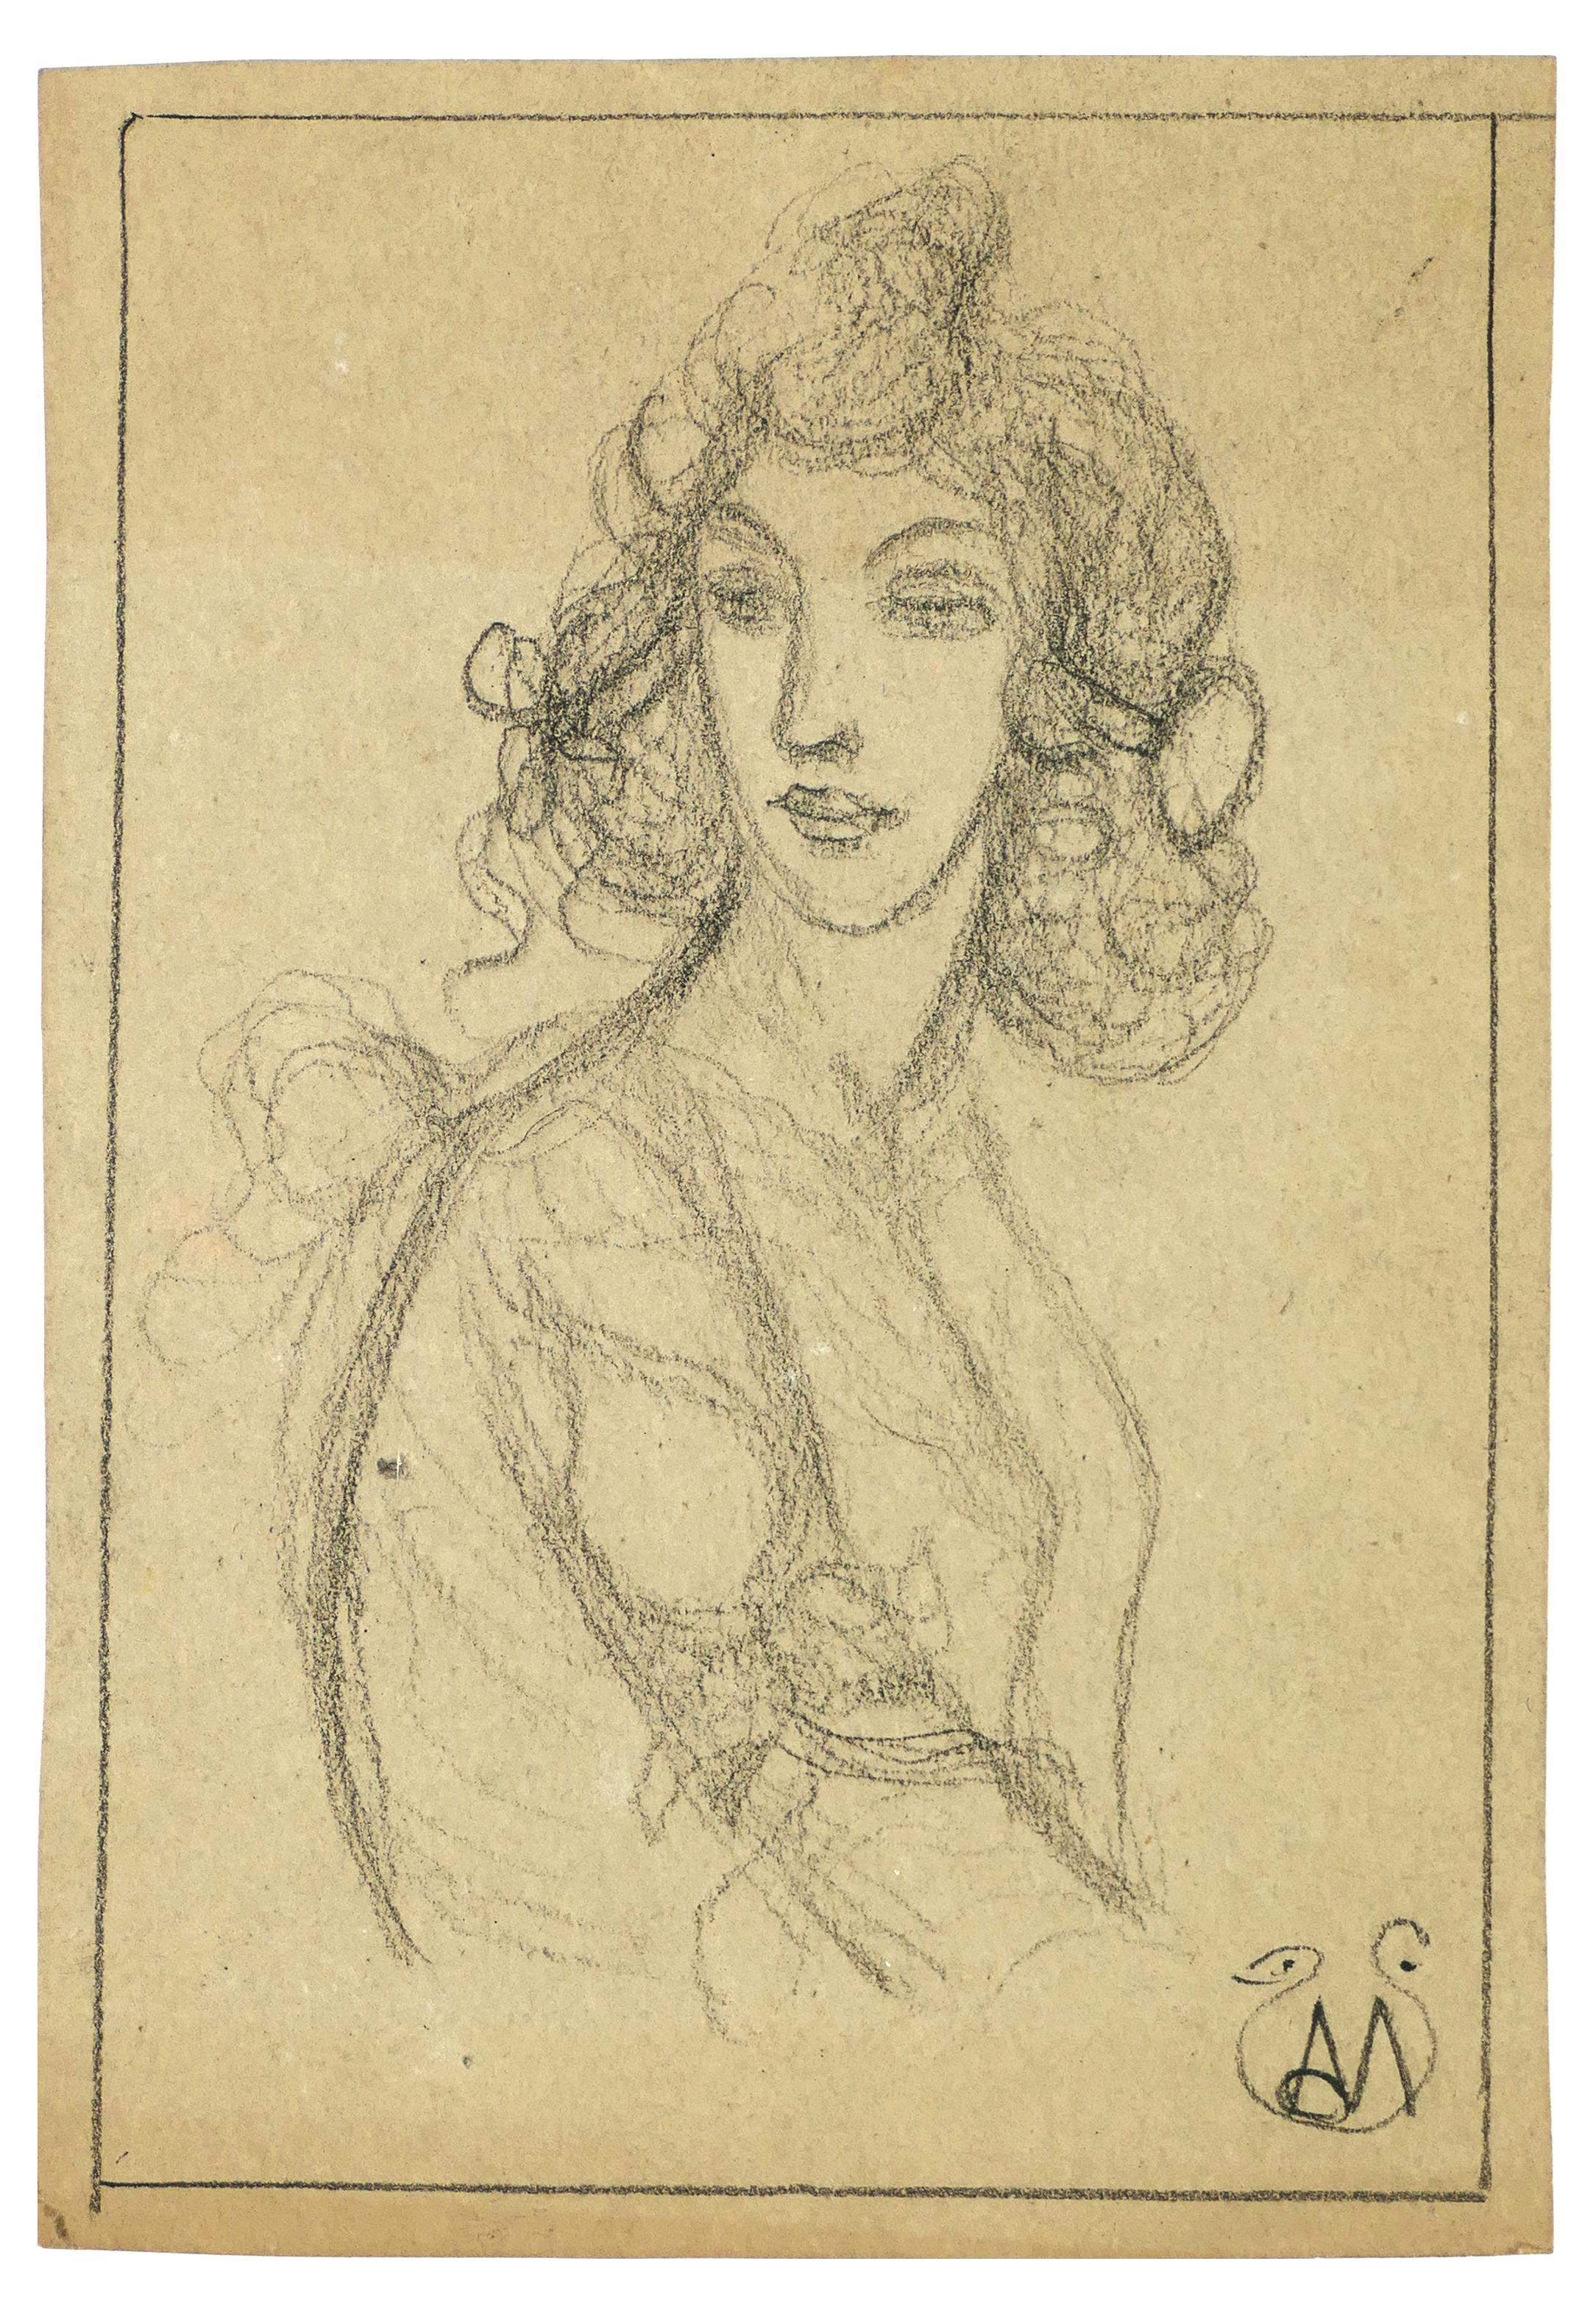 Woman Bust - Pencil on Paper by A. Mérodack-Jeanneau